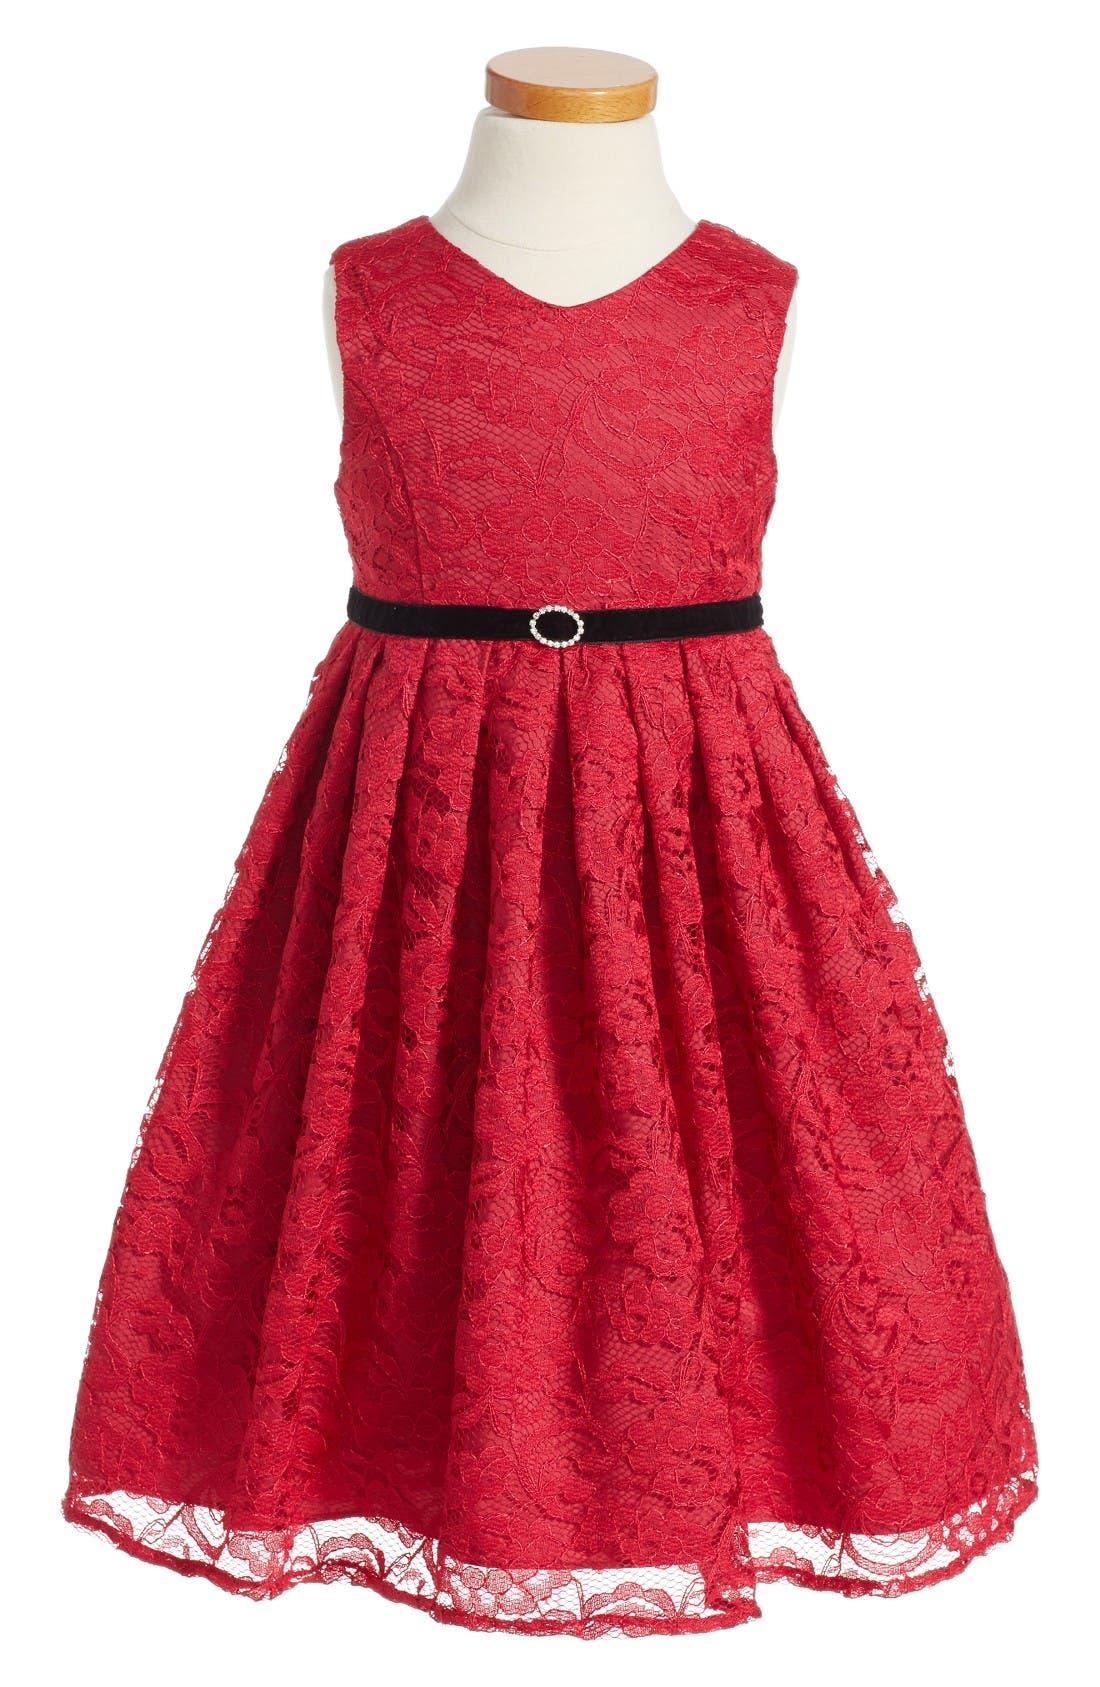 Main Image - Pippa & Julie Lace Empire Waist Dress (Toddler Girls, Little Girls and Big Girls)